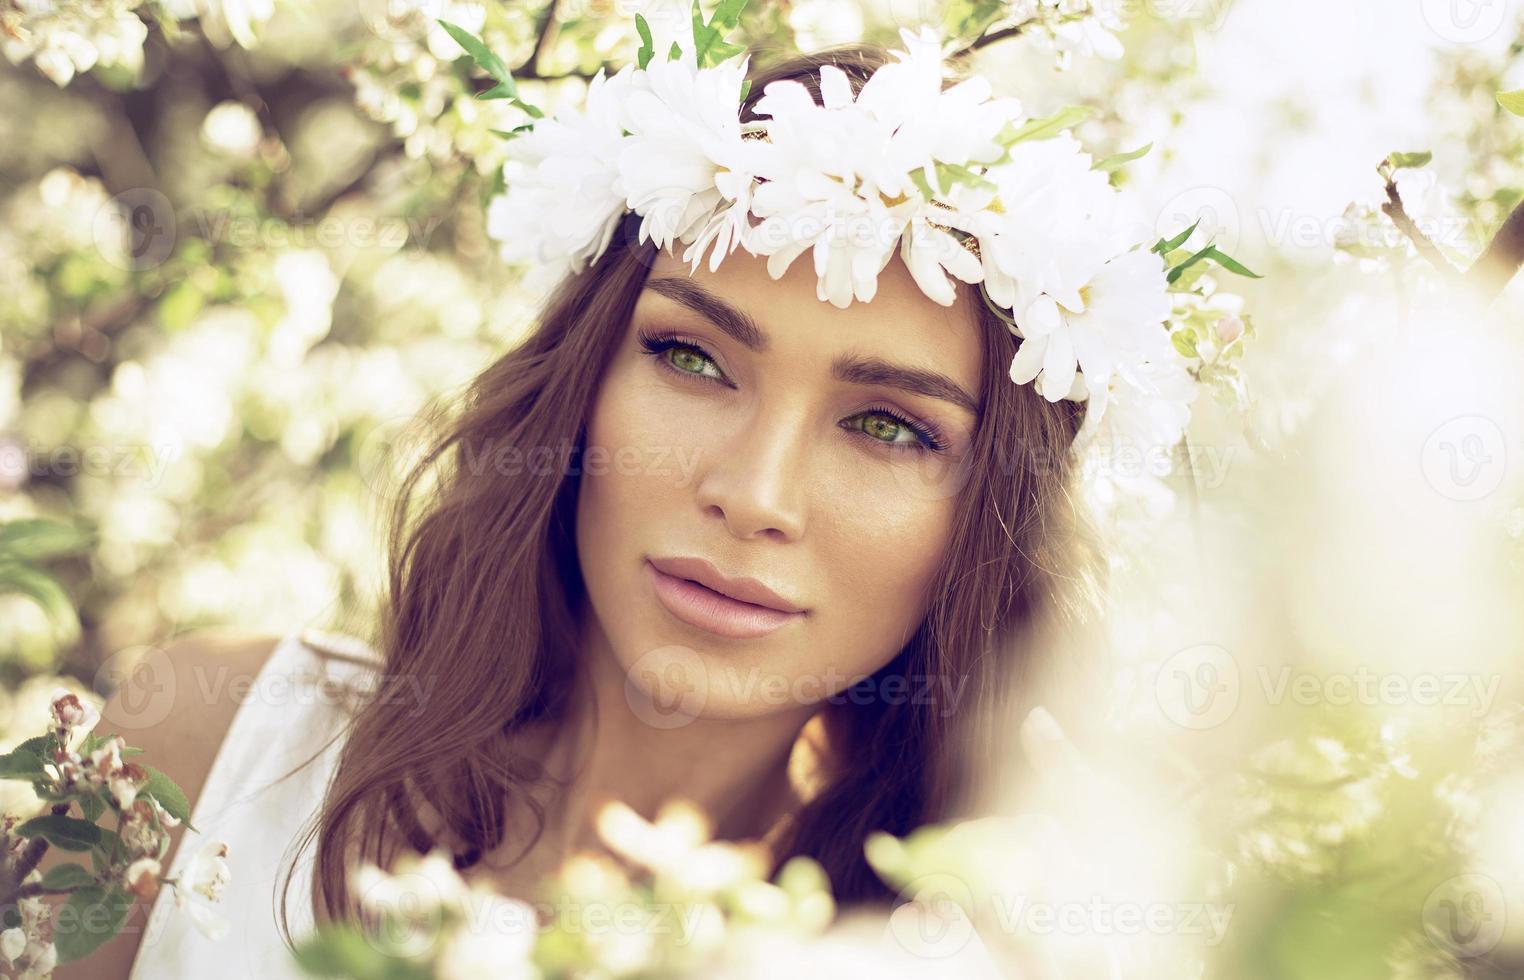 bella donna con gli occhi verdi nel giardino delle mele foto